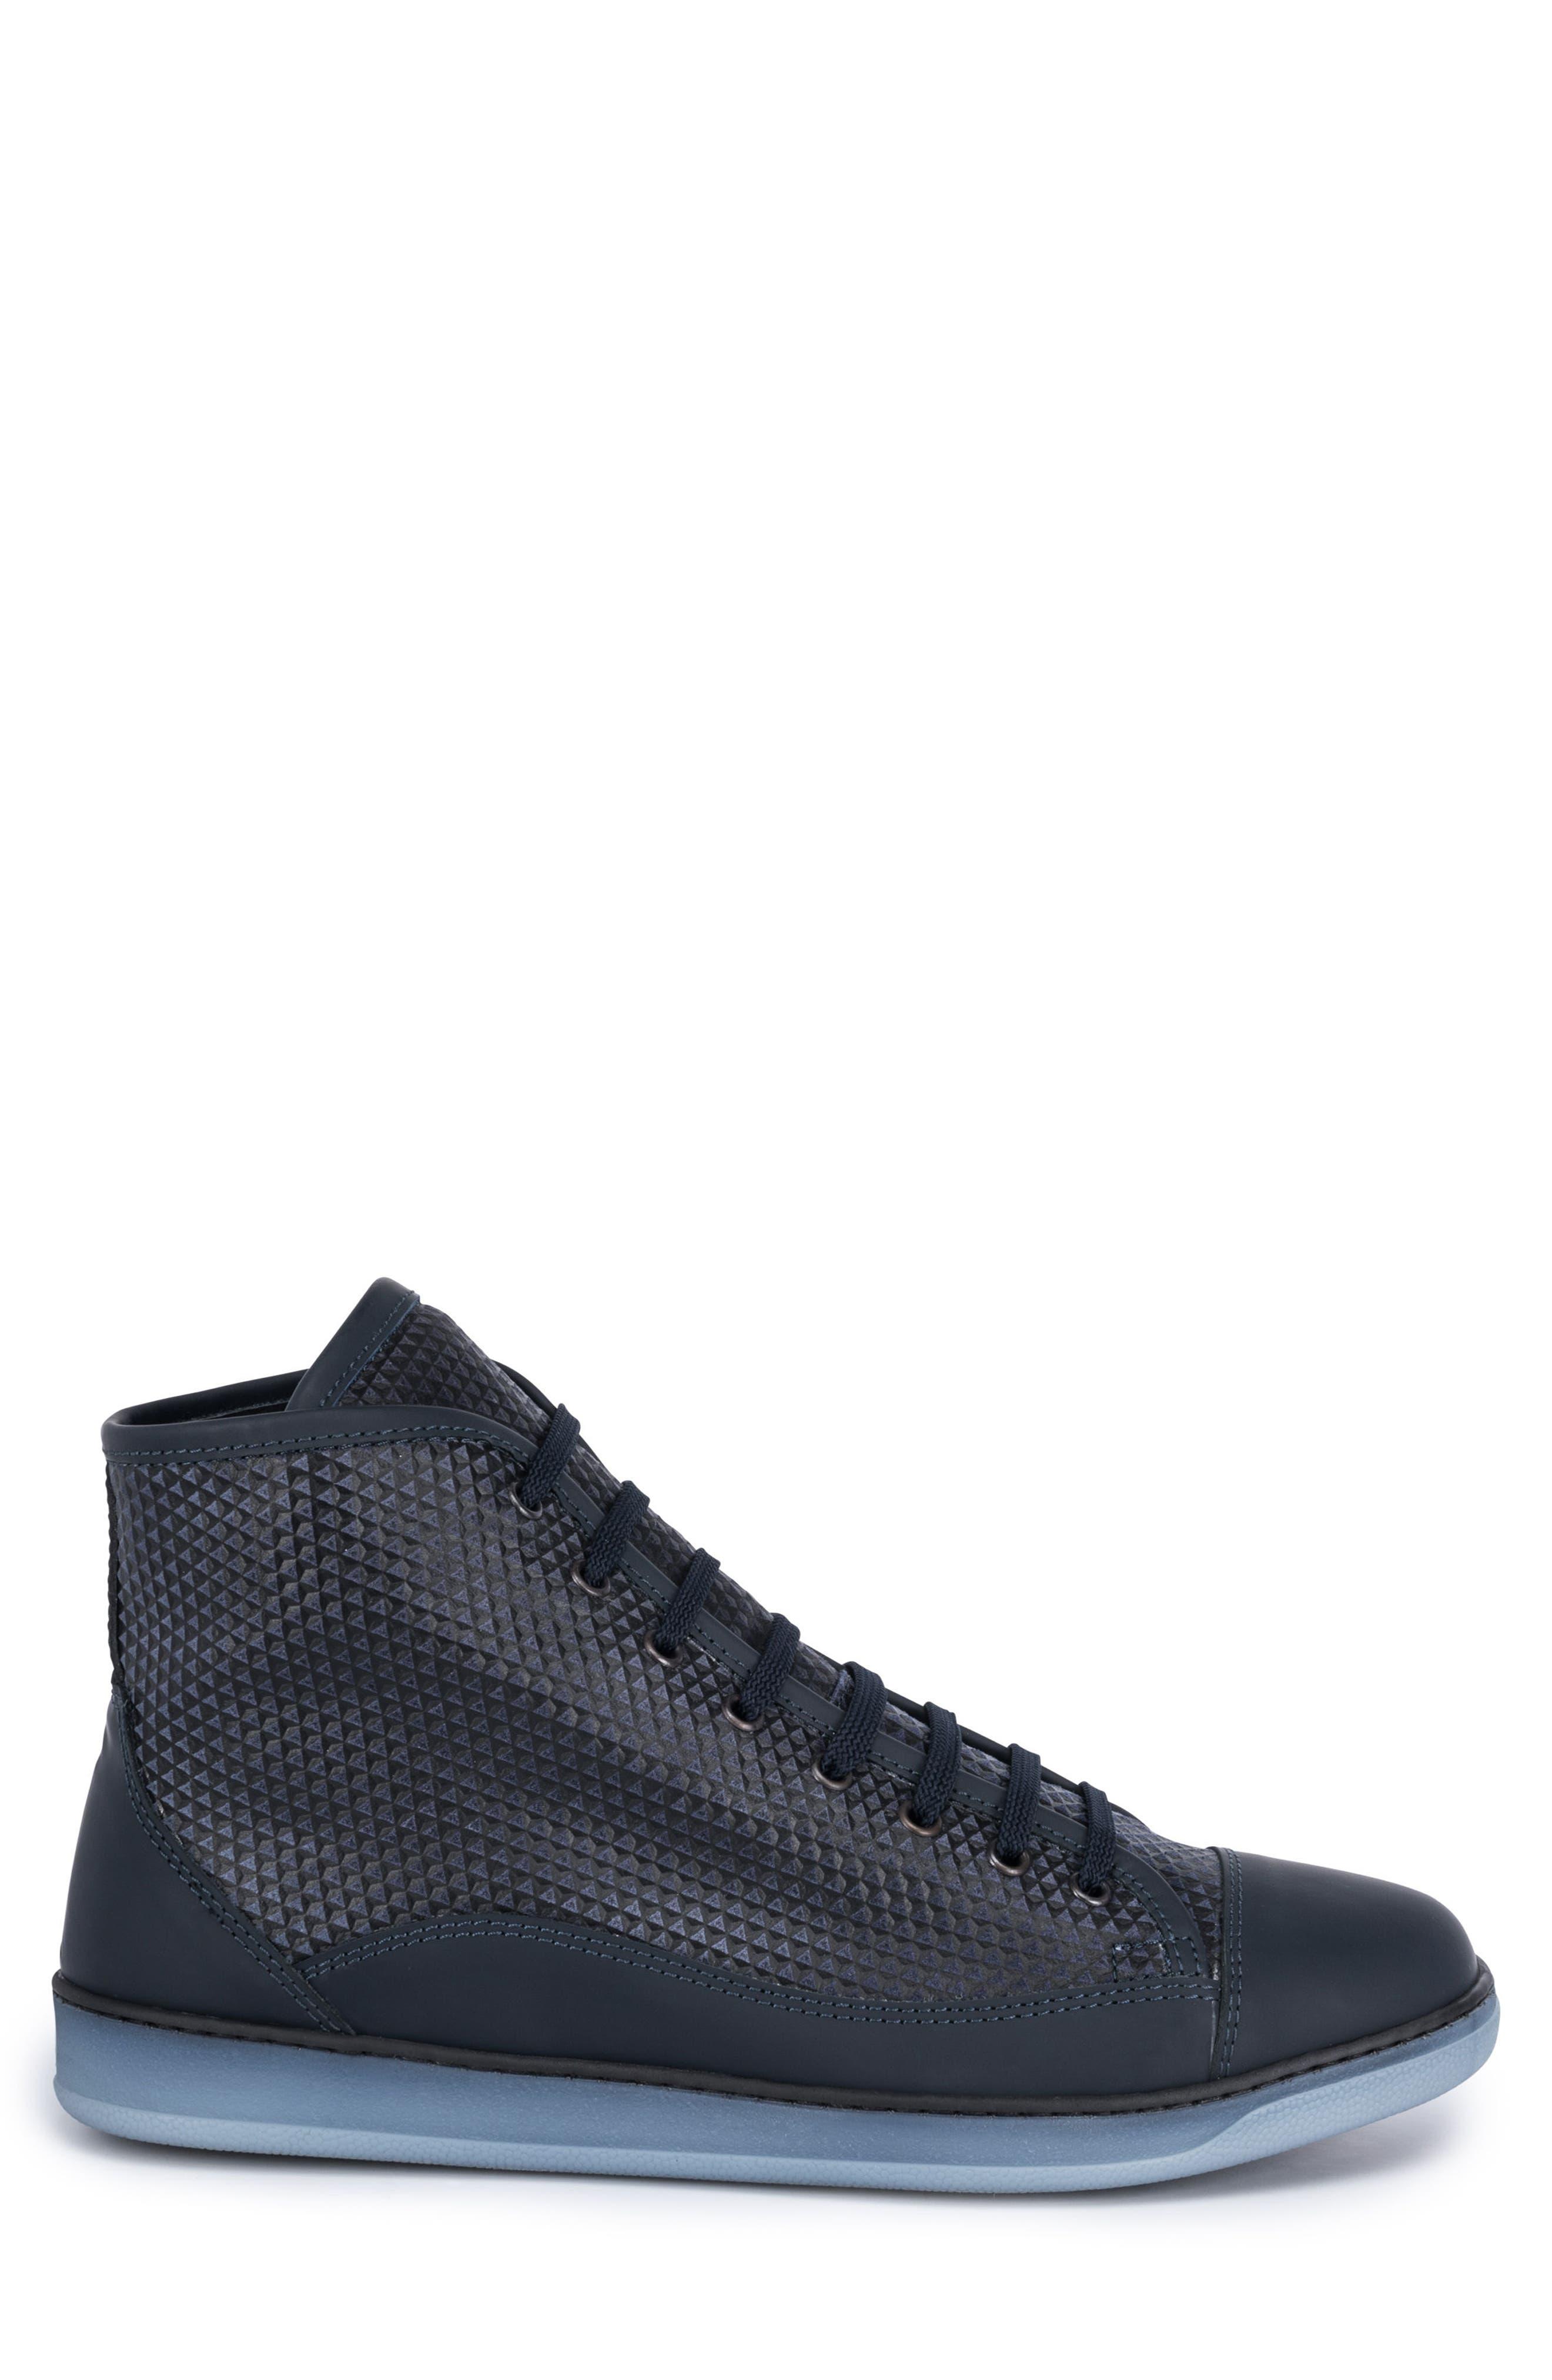 Treviso Sneaker,                             Alternate thumbnail 3, color,                             409